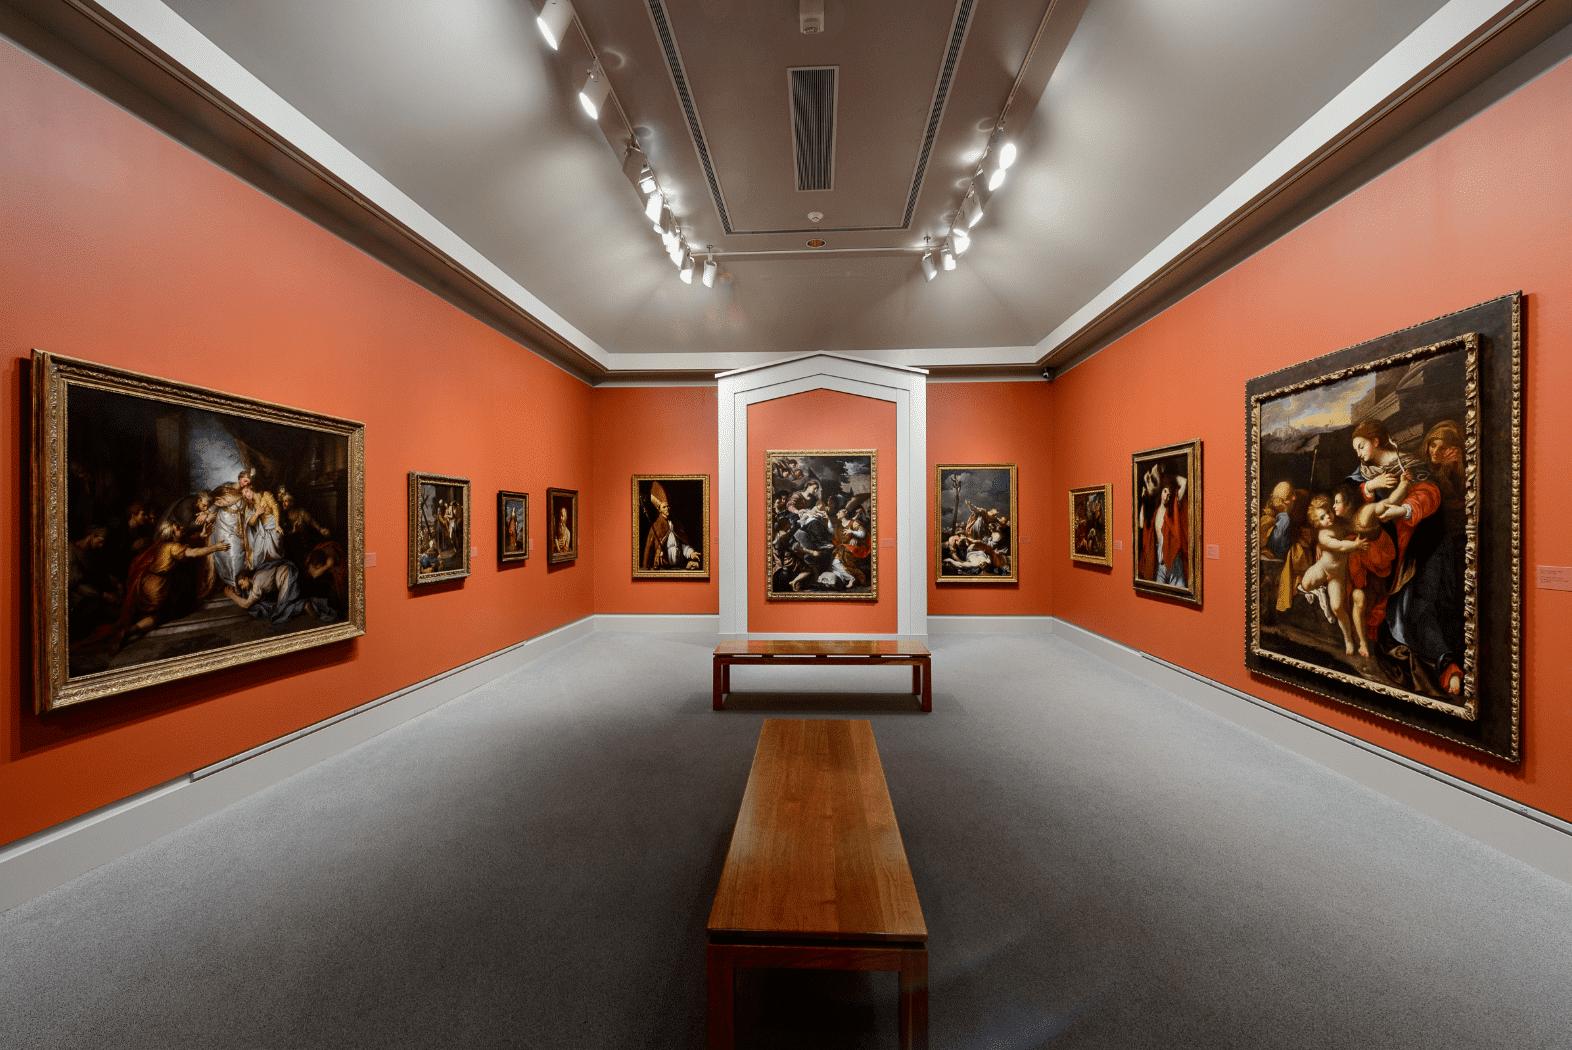 Harris Gallery of Baroque Art